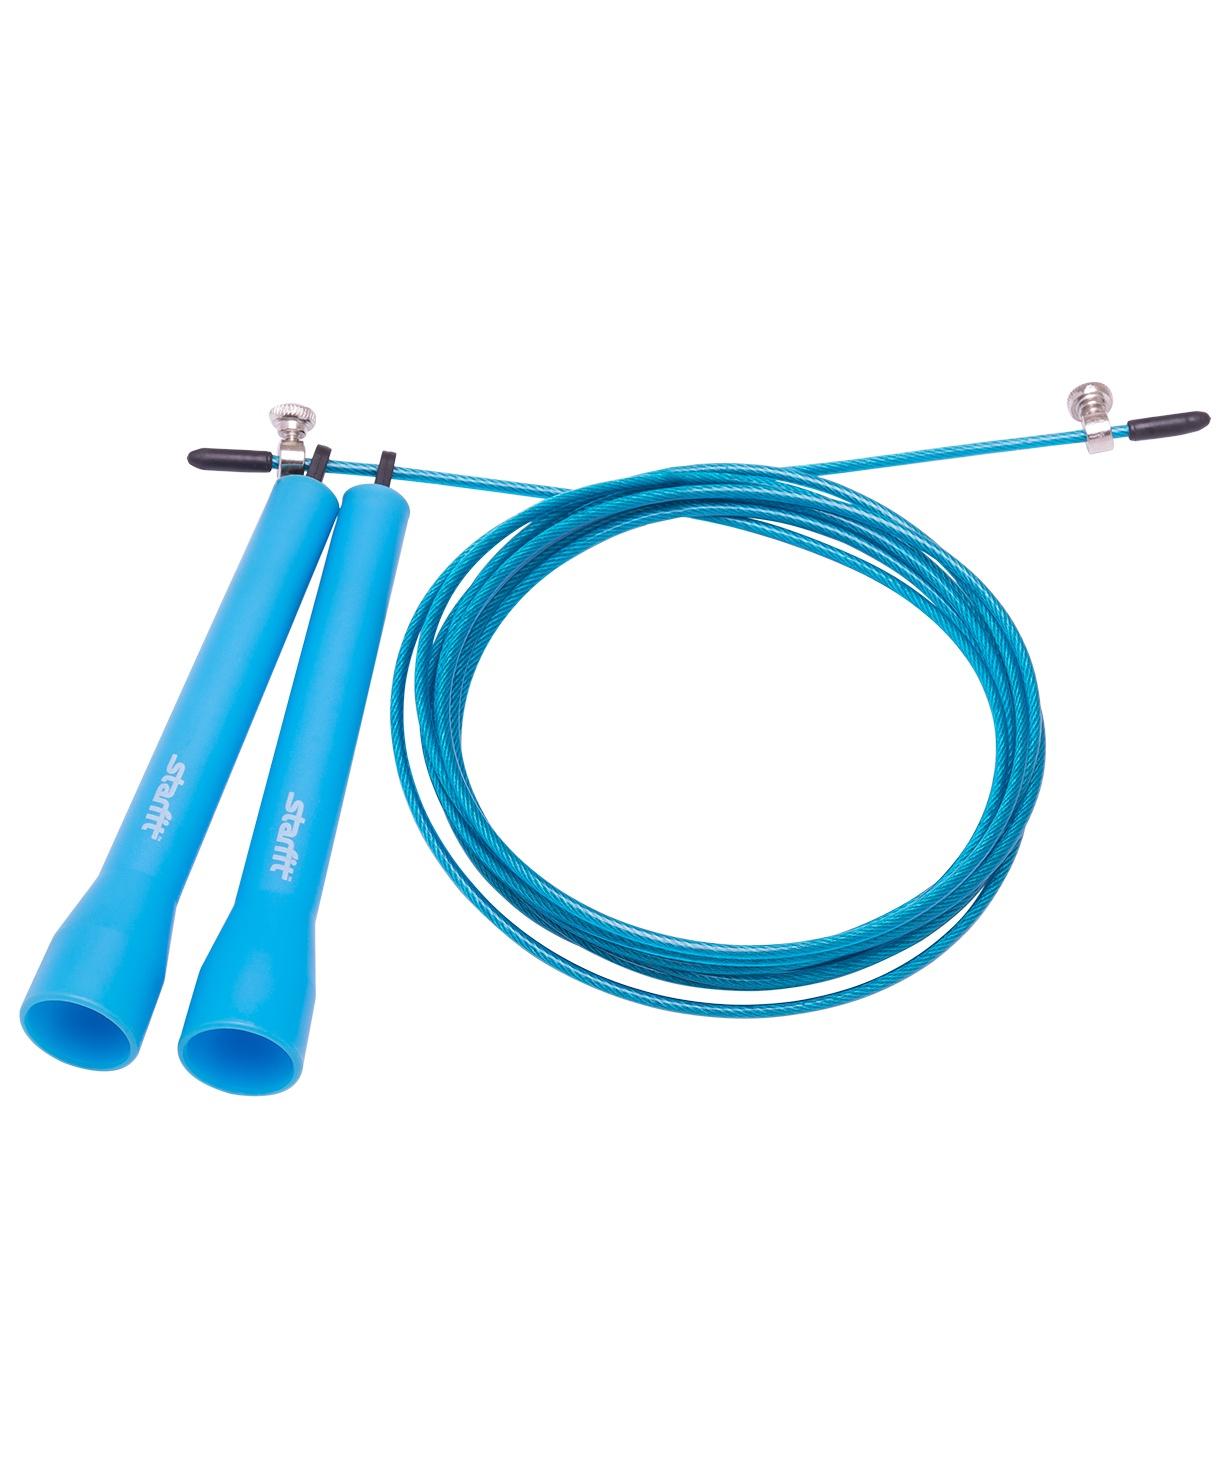 Фото - Скакалка STARFIT RP-202 ПВХ скоростная, синий, 3,1м 1/50 скакалка starfit rp 104 с подшипниками цвет синий черный длина 3 05 м